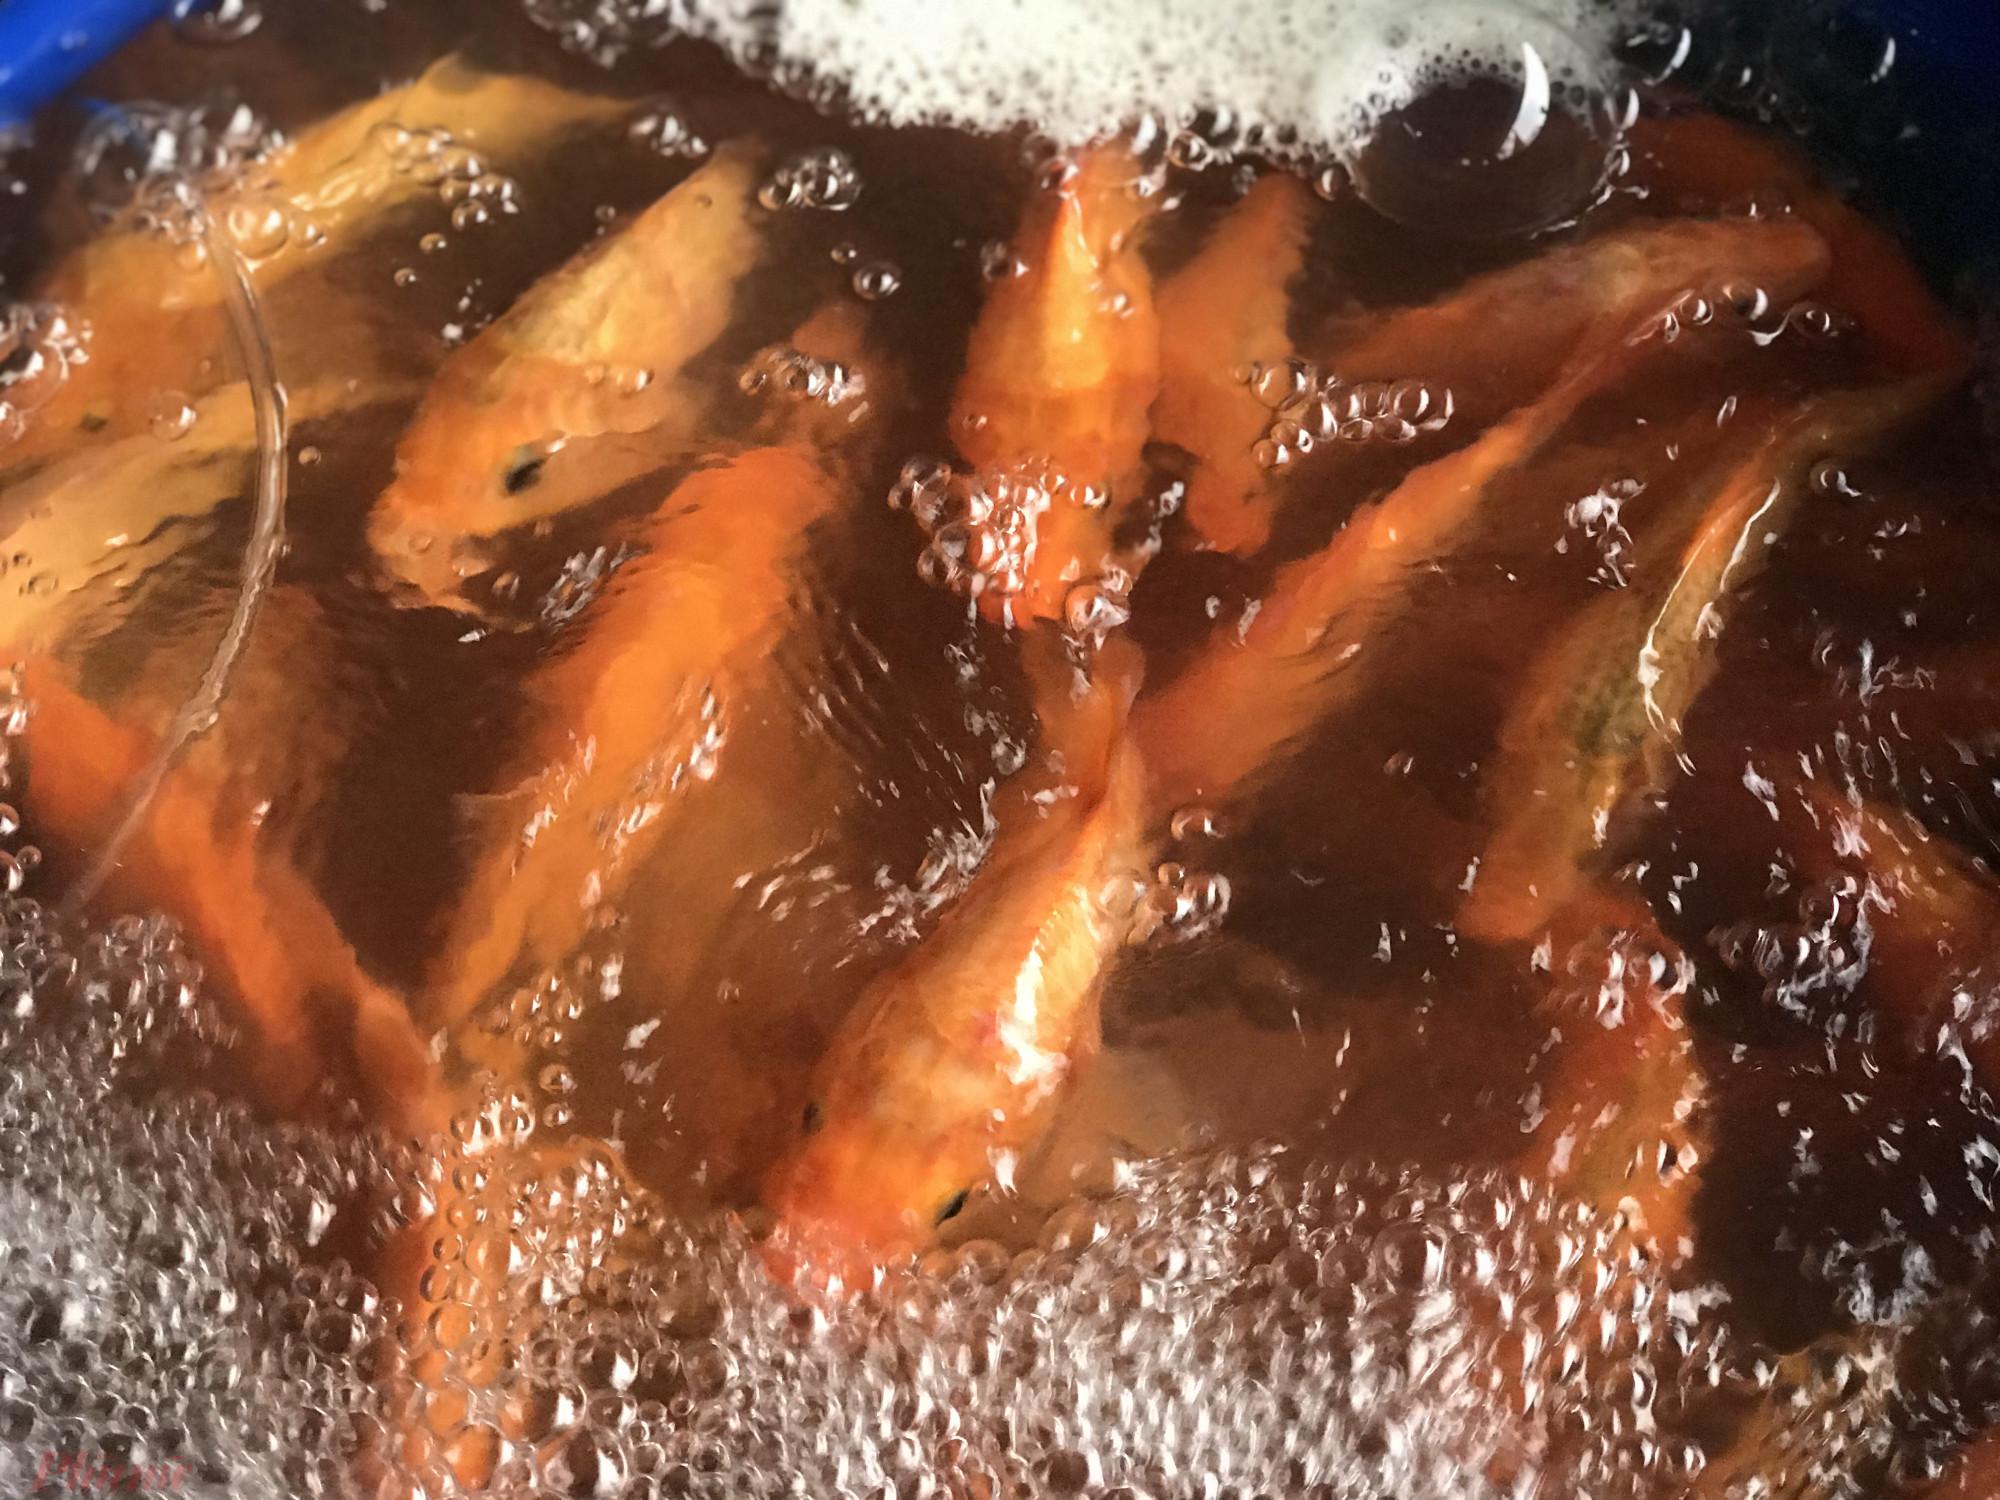 Giá cá chép năm nay có khá nhiều loại, loại nhỏ nhất bằng ngón tay cái người lớn mỗi con 10.000 đồng, lớn hơn 20.000-30.000 đồng/con, đặc biệt cá lớn người bán sẽ cân ký với mỗi ký là 100.000 đồng.